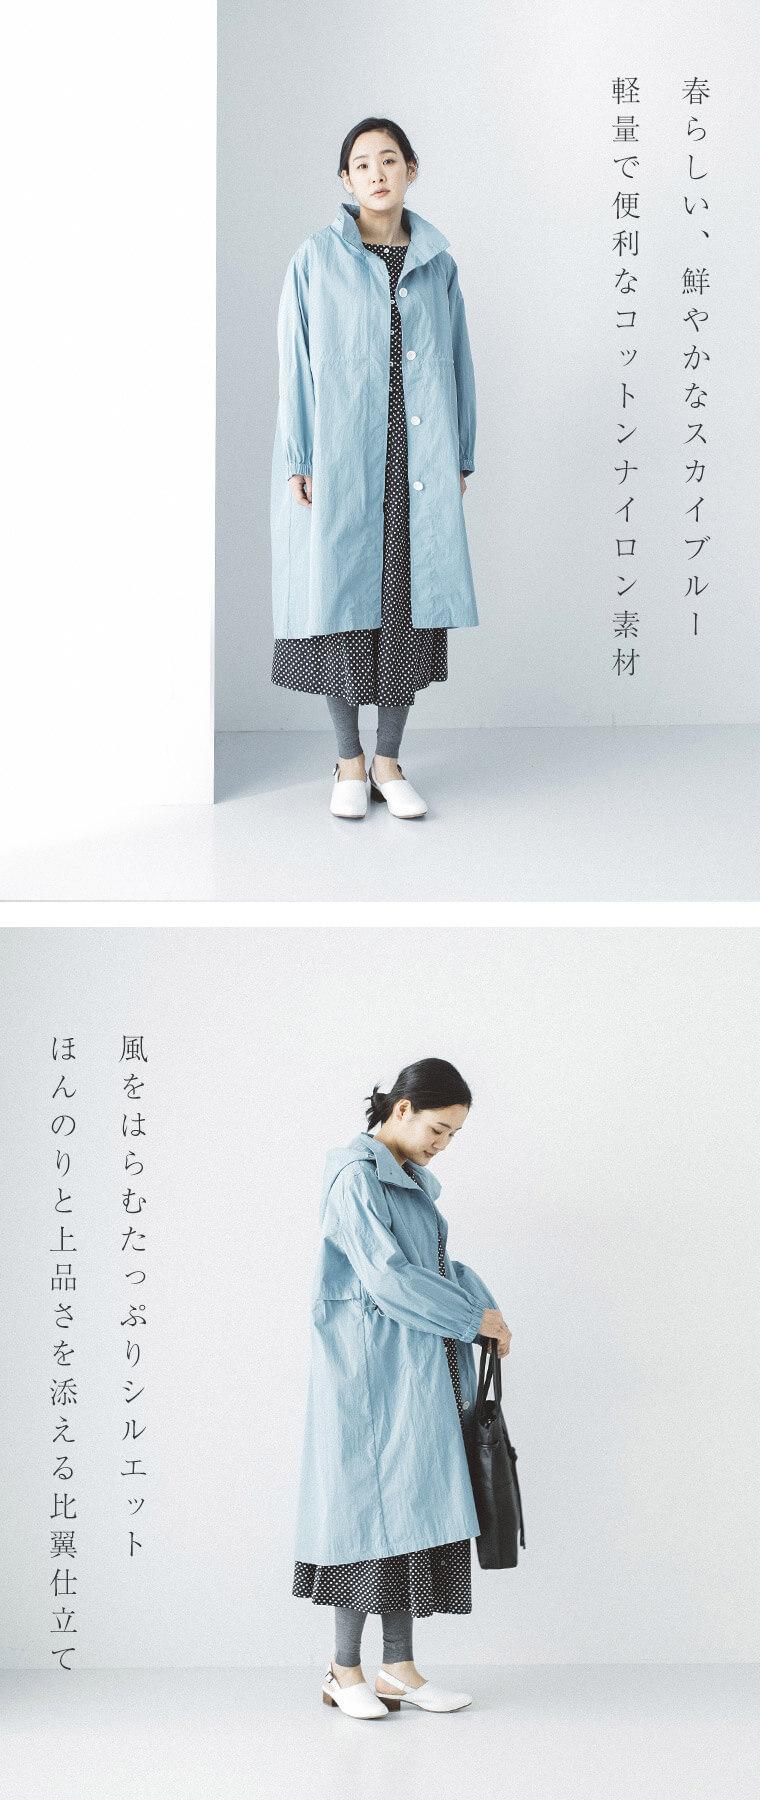 タイプライターマウンテンコートを着た女性